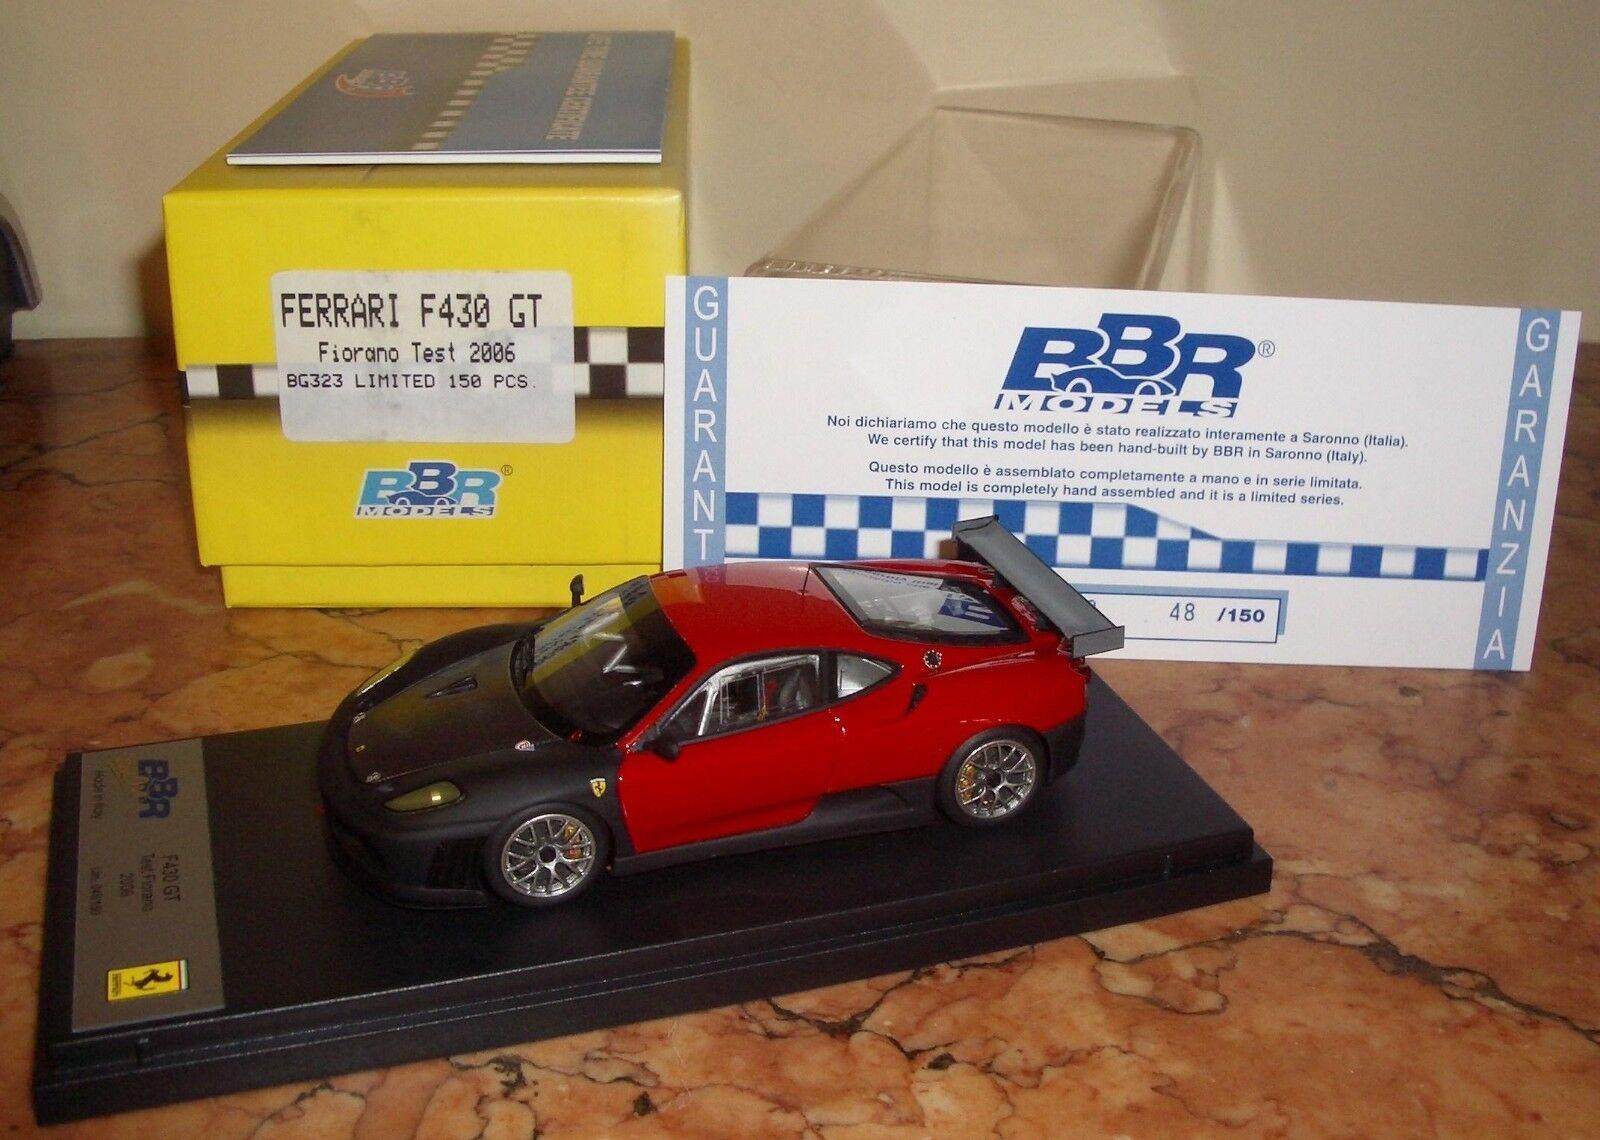 1 43BBR Ferrari F430 GT Fiorano Test 2006 Ltd.  48 of 150 pcs. MIB V.Rare N ABC